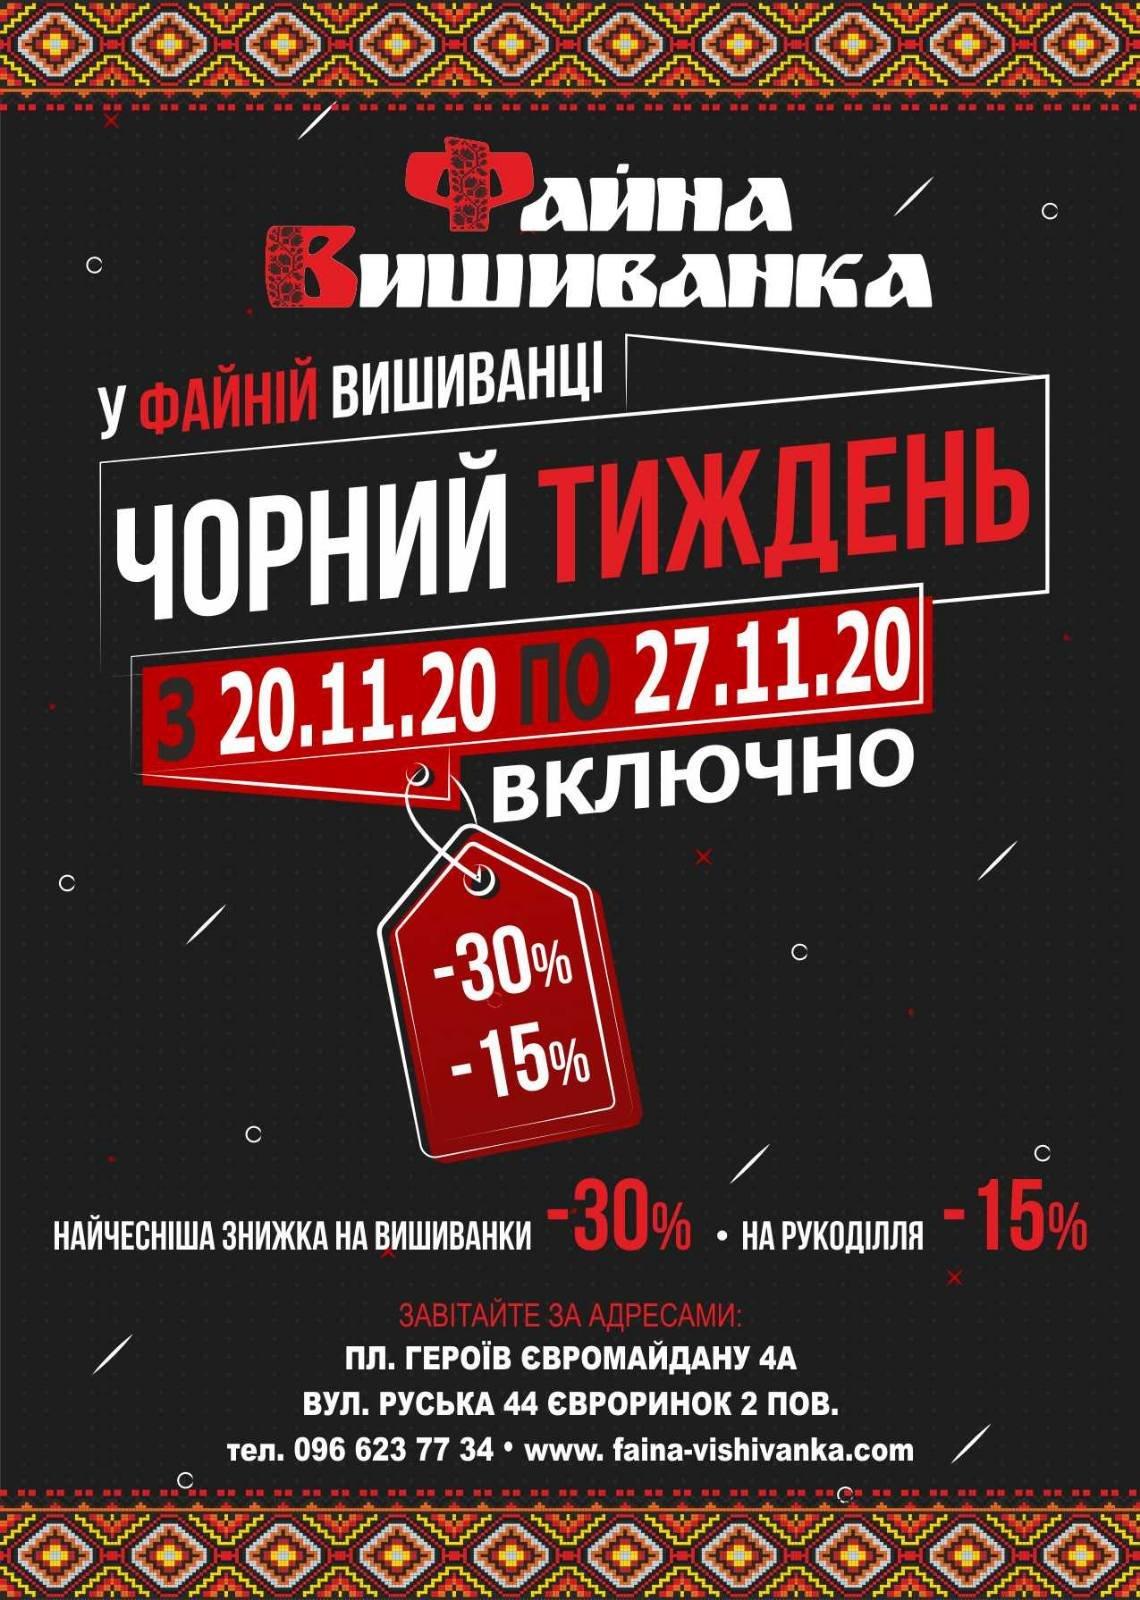 Чорна п'ятниця 2020 в Тернополі: хто пропонує найбільші знижки?, фото-14